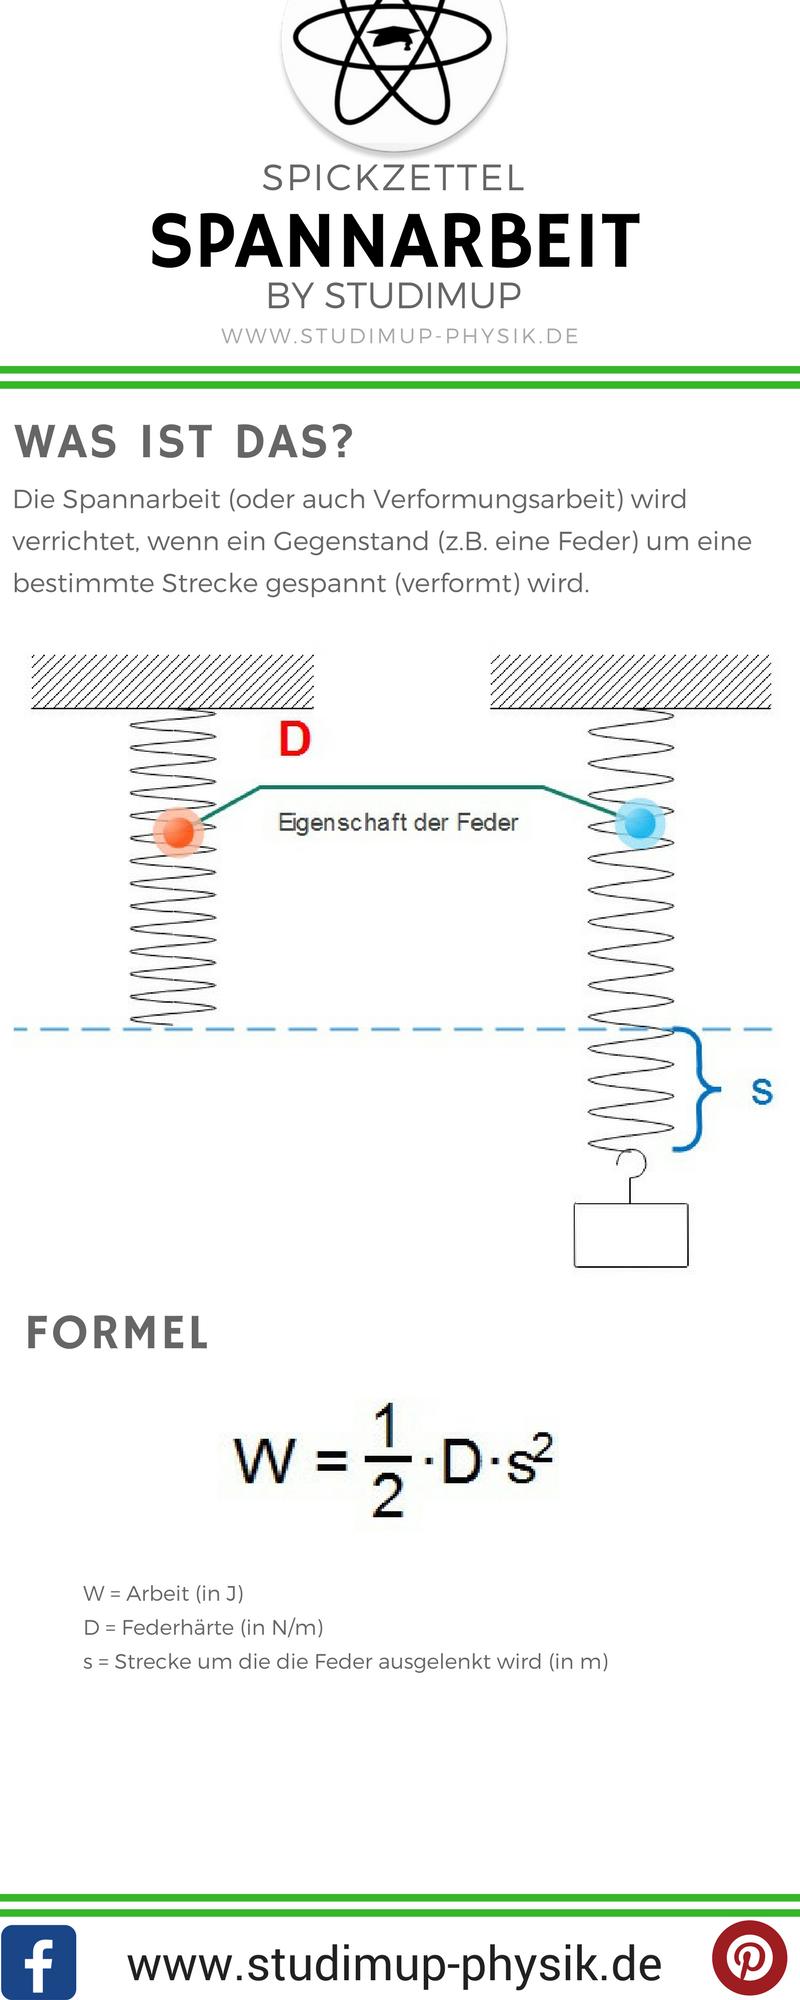 Physik Spickzettel zur Spannarbeit mit Formel. Physik einfach ...